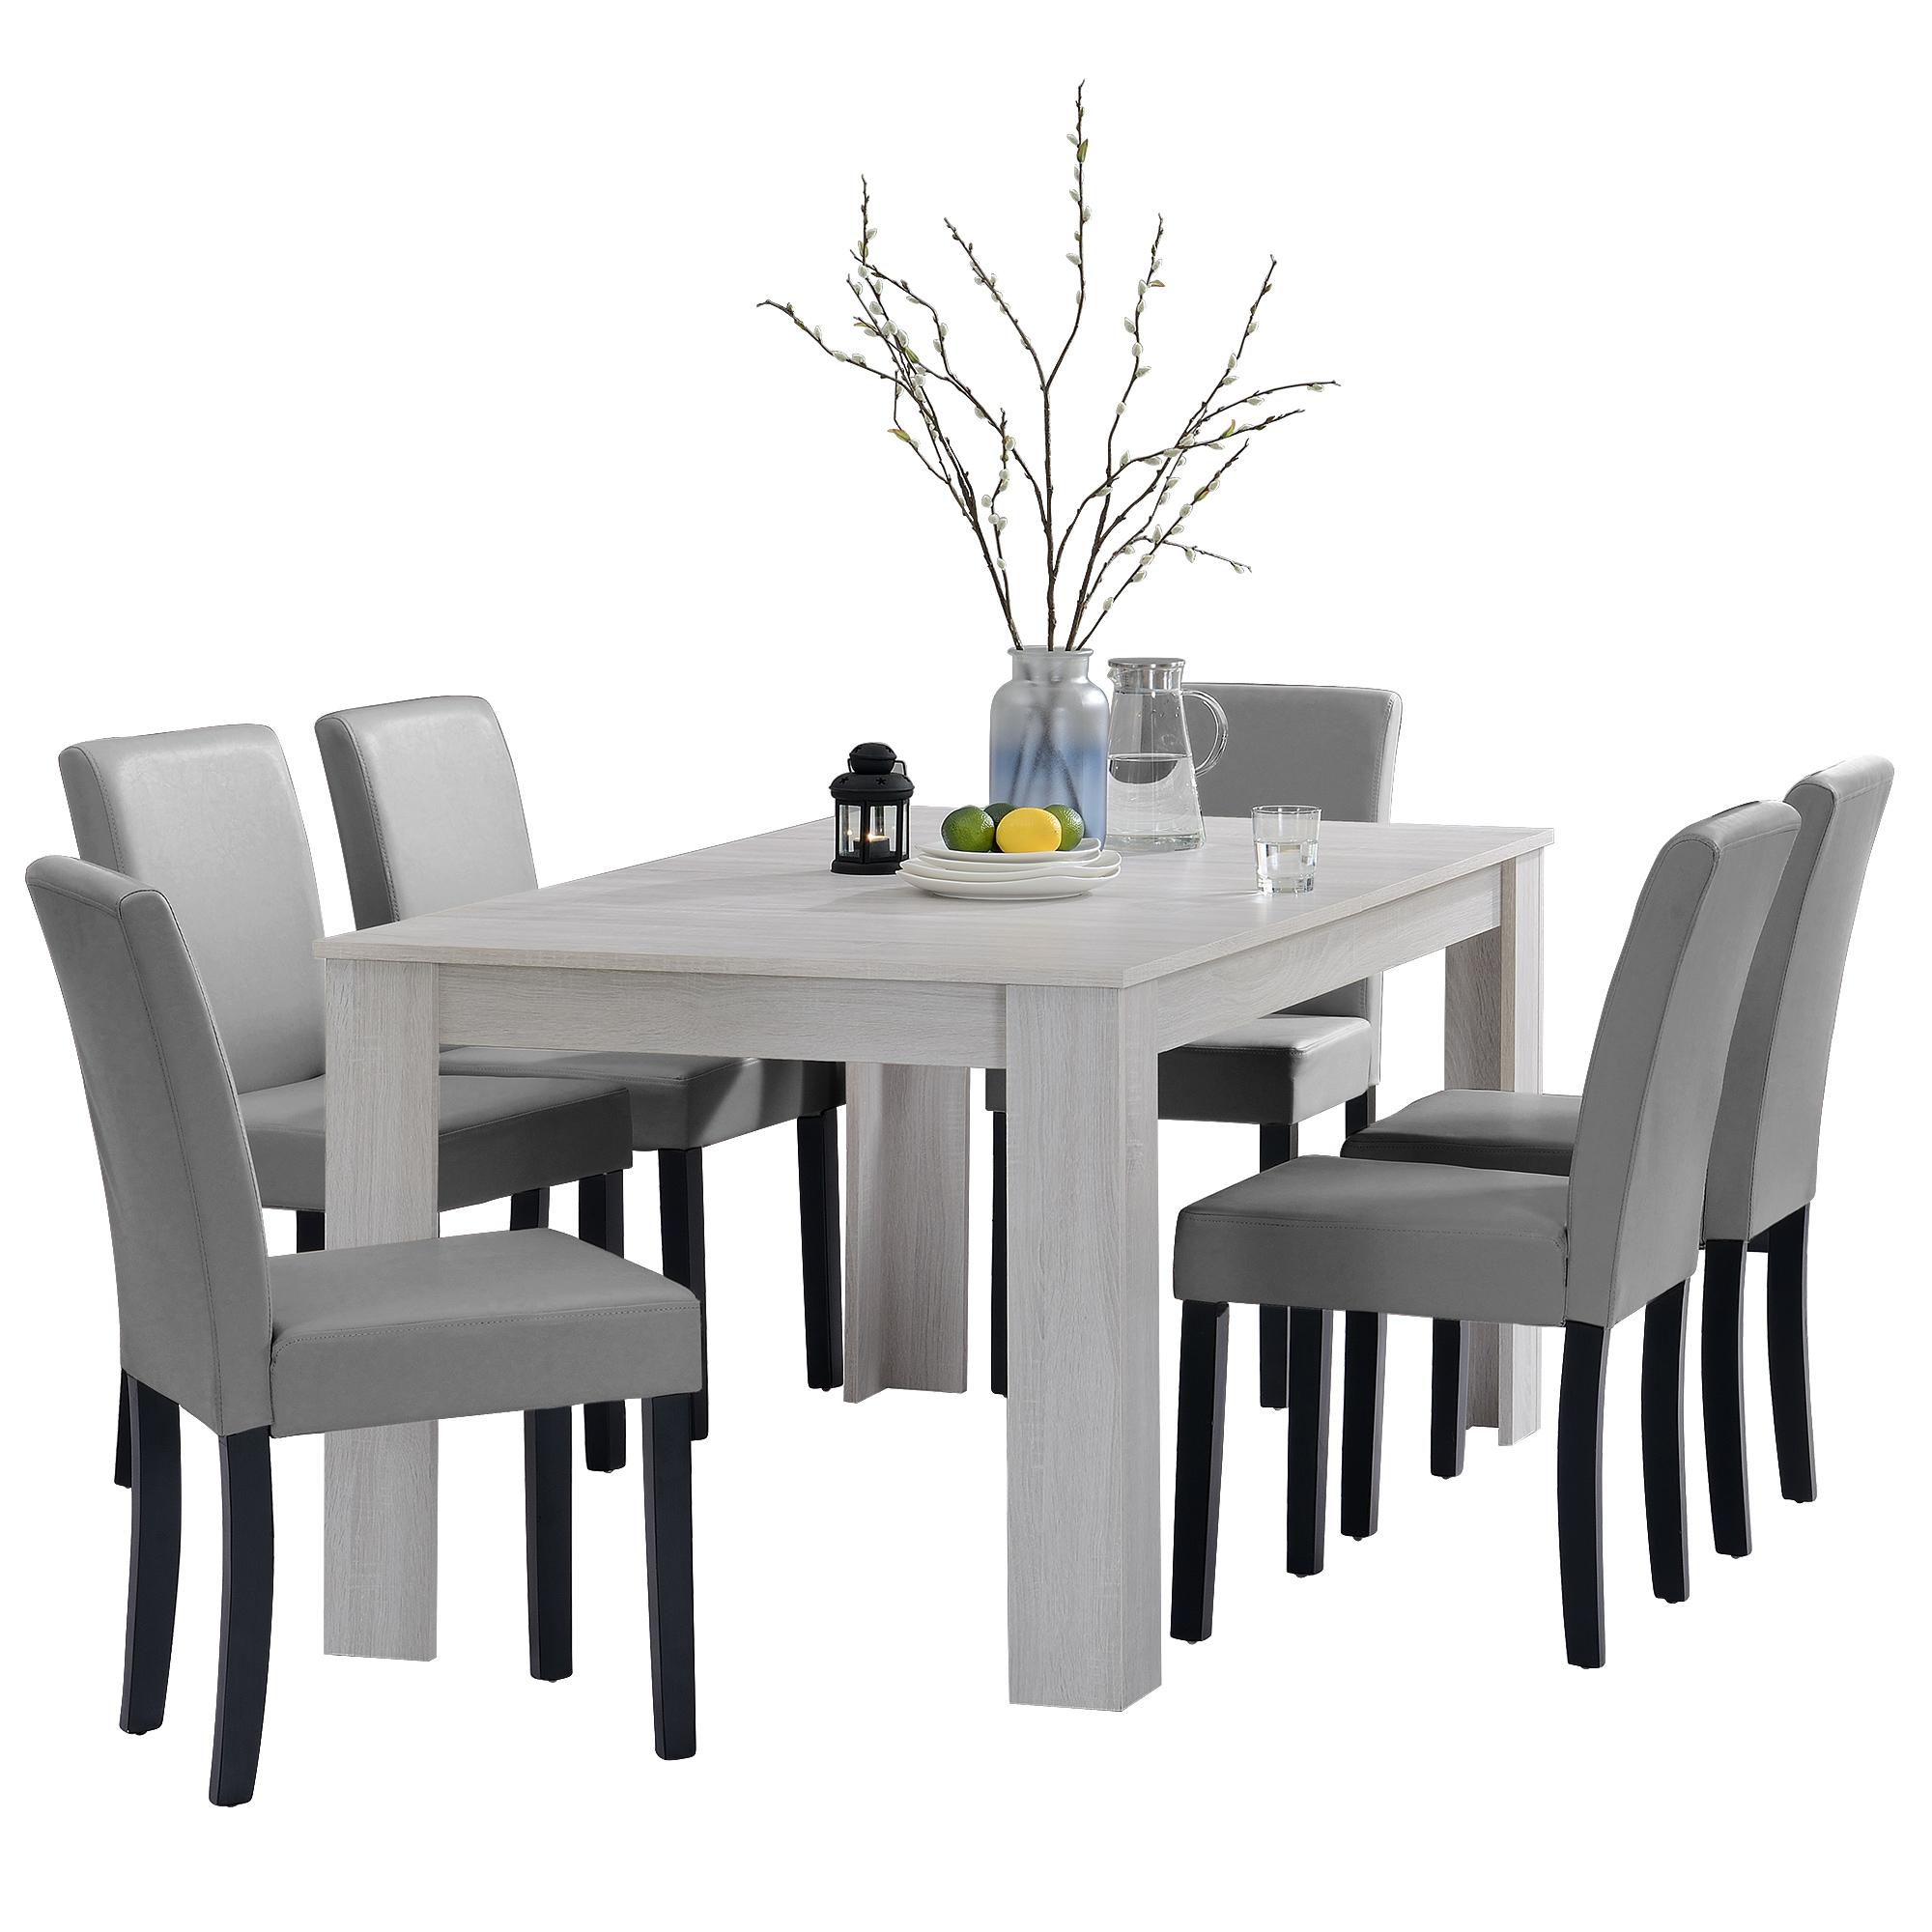 [en.casa]® Jídelní sestava 1 x stůl HTFU2336 + 6 x židle HTMY-9701